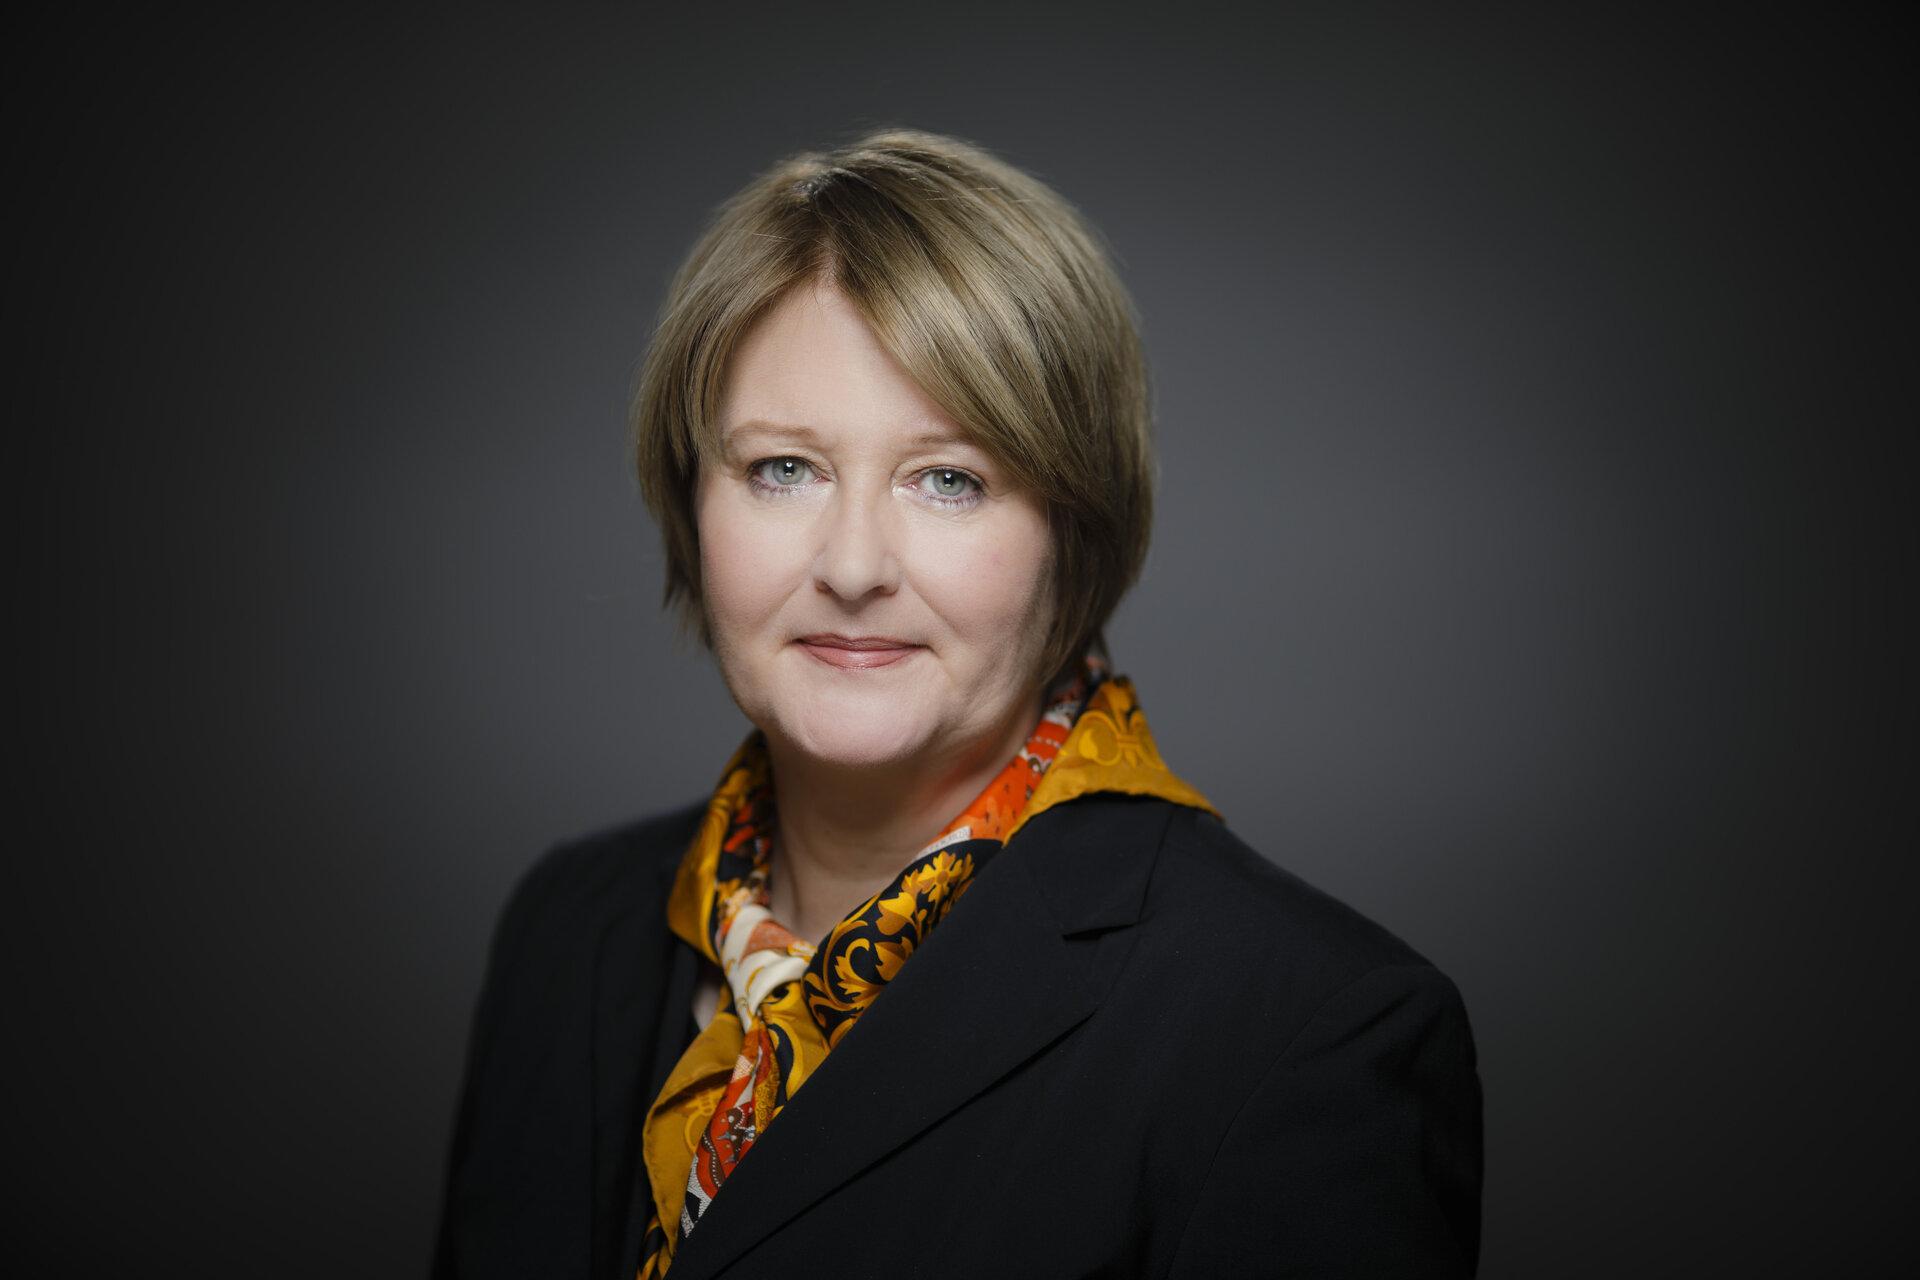 Botschafterin Antje Leendertse, Ständige Vertreterin der Bundesrepublik Deutschland bei dem Büro der Vereinten Nationen und den anderen Internationalen Organisationen in Genf